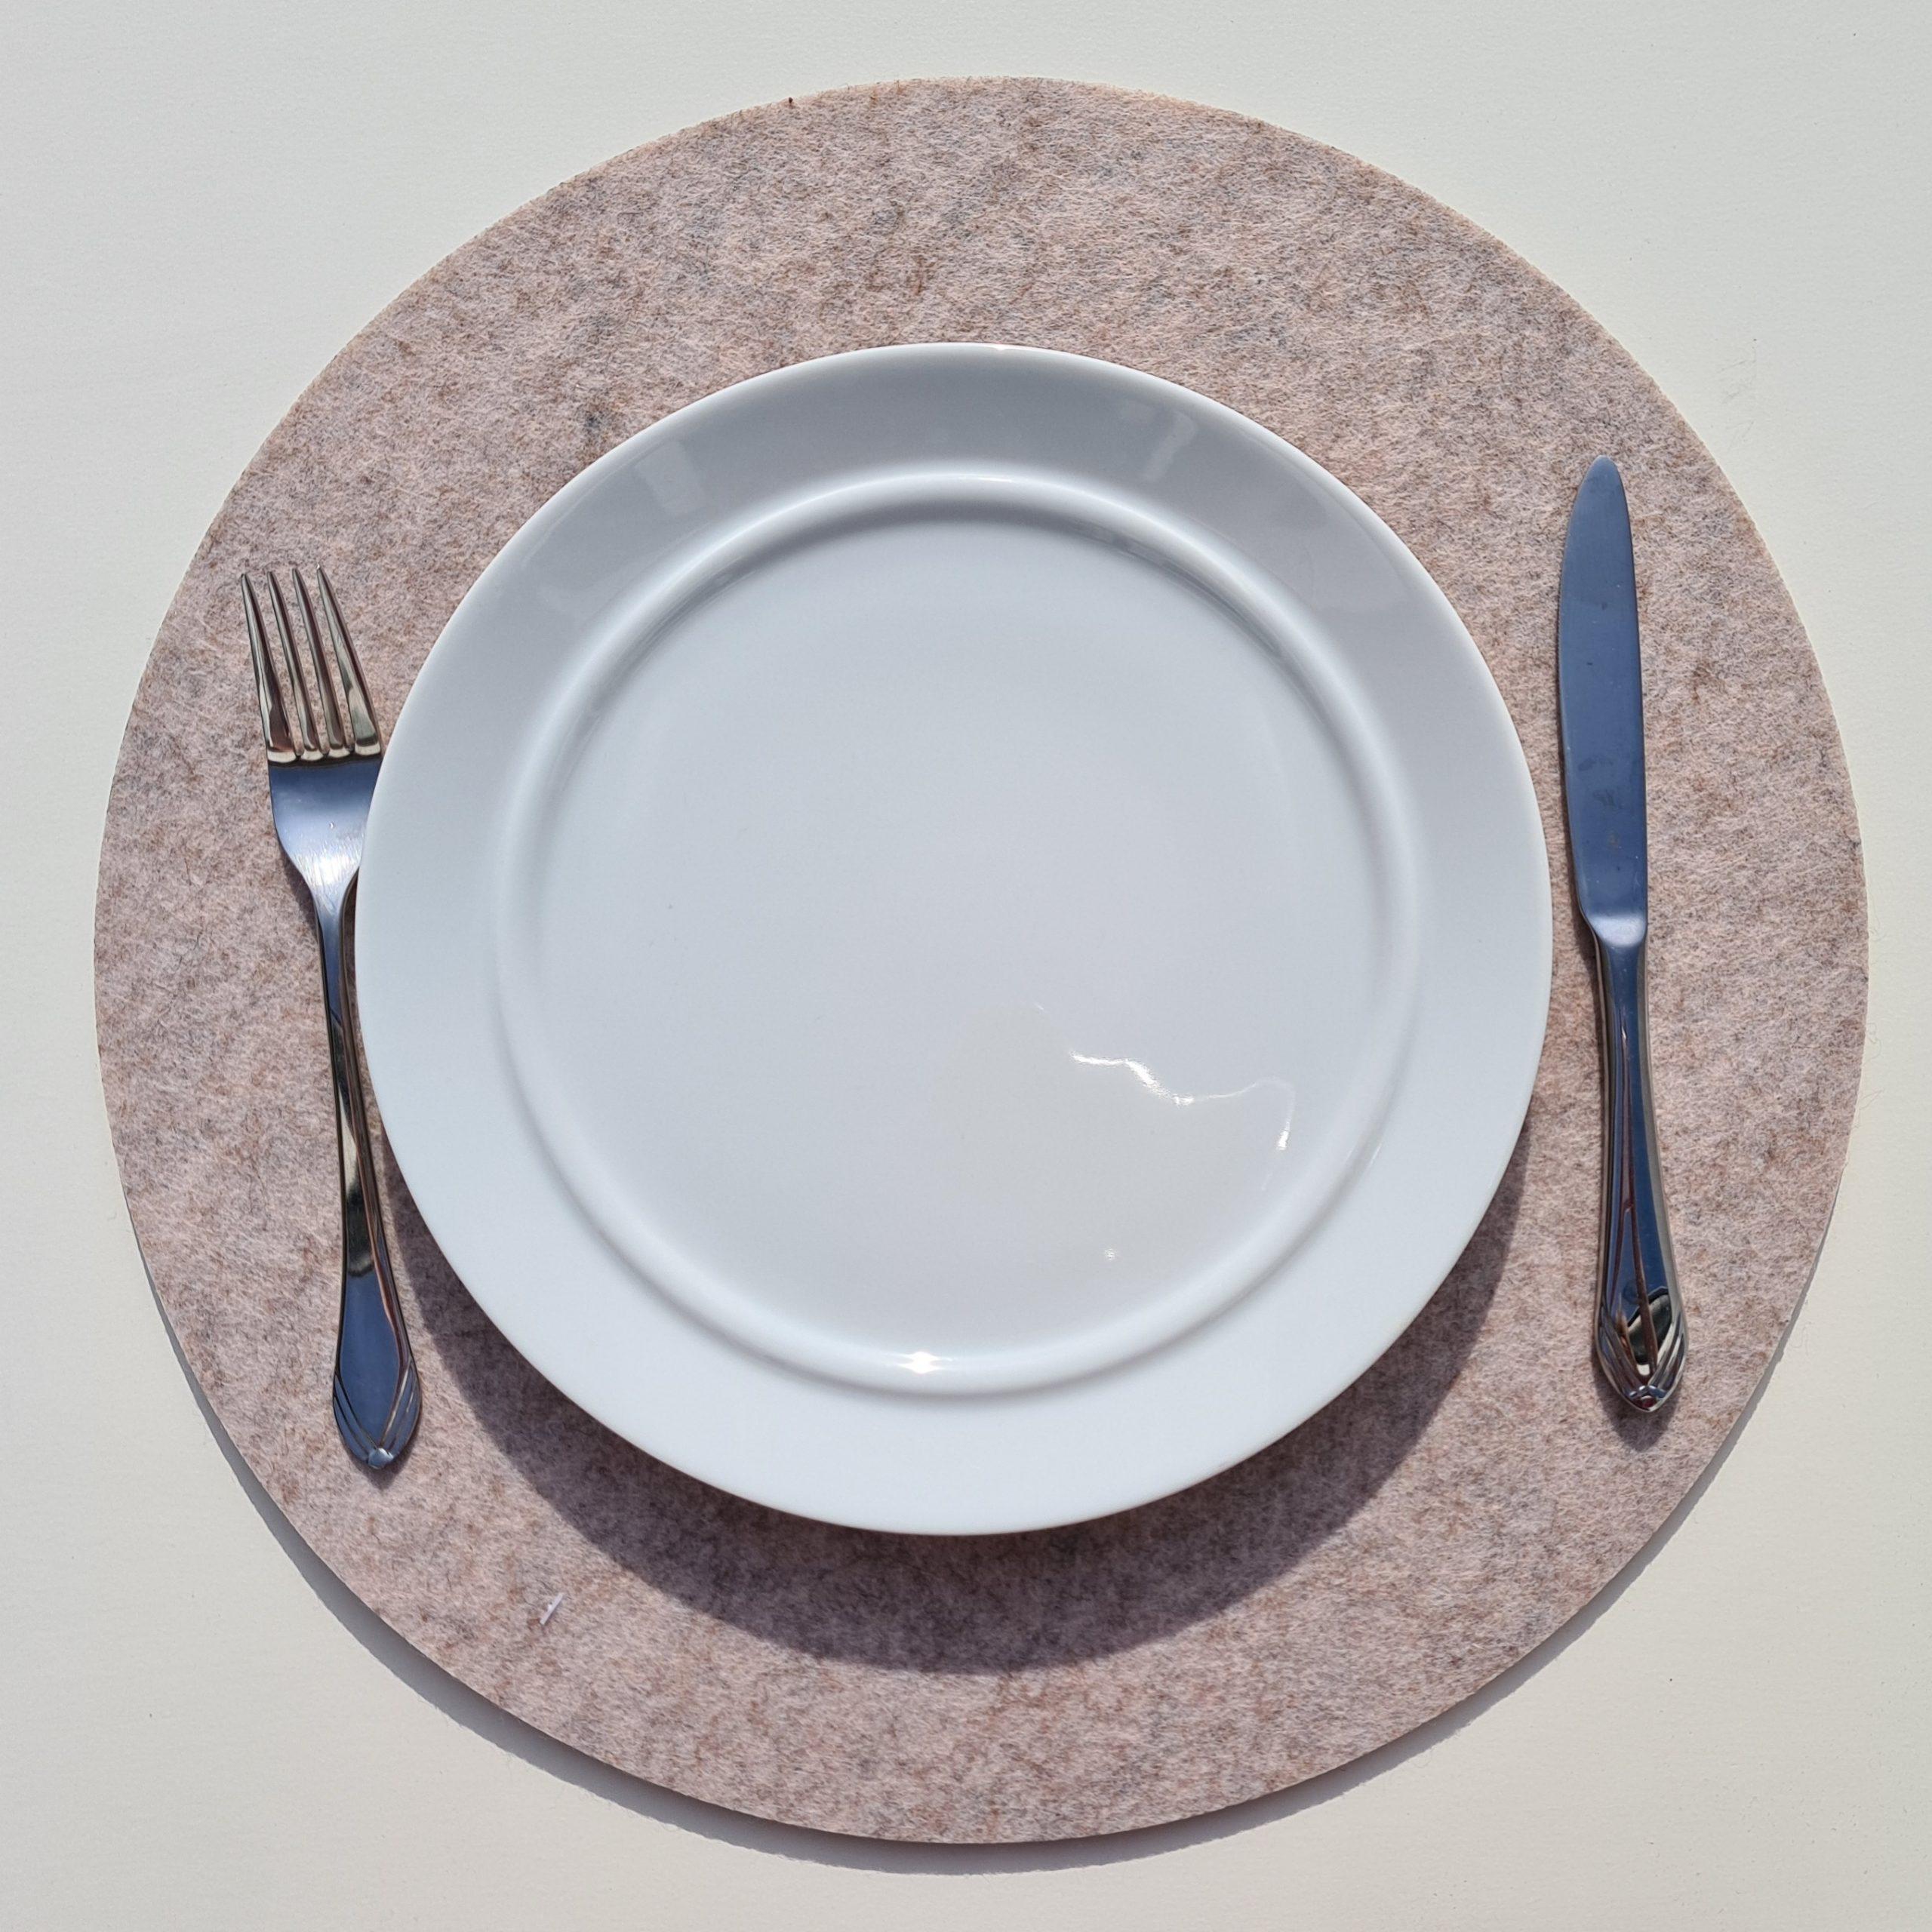 Cremefarbener Filz-Untersetzter rund mit Teller und Besteck - Handgemachte individualisierbare Taschen, Körbe, Tischsets, Dekoartikel und mehr auf fideko.de der Onlineshop seit 2011